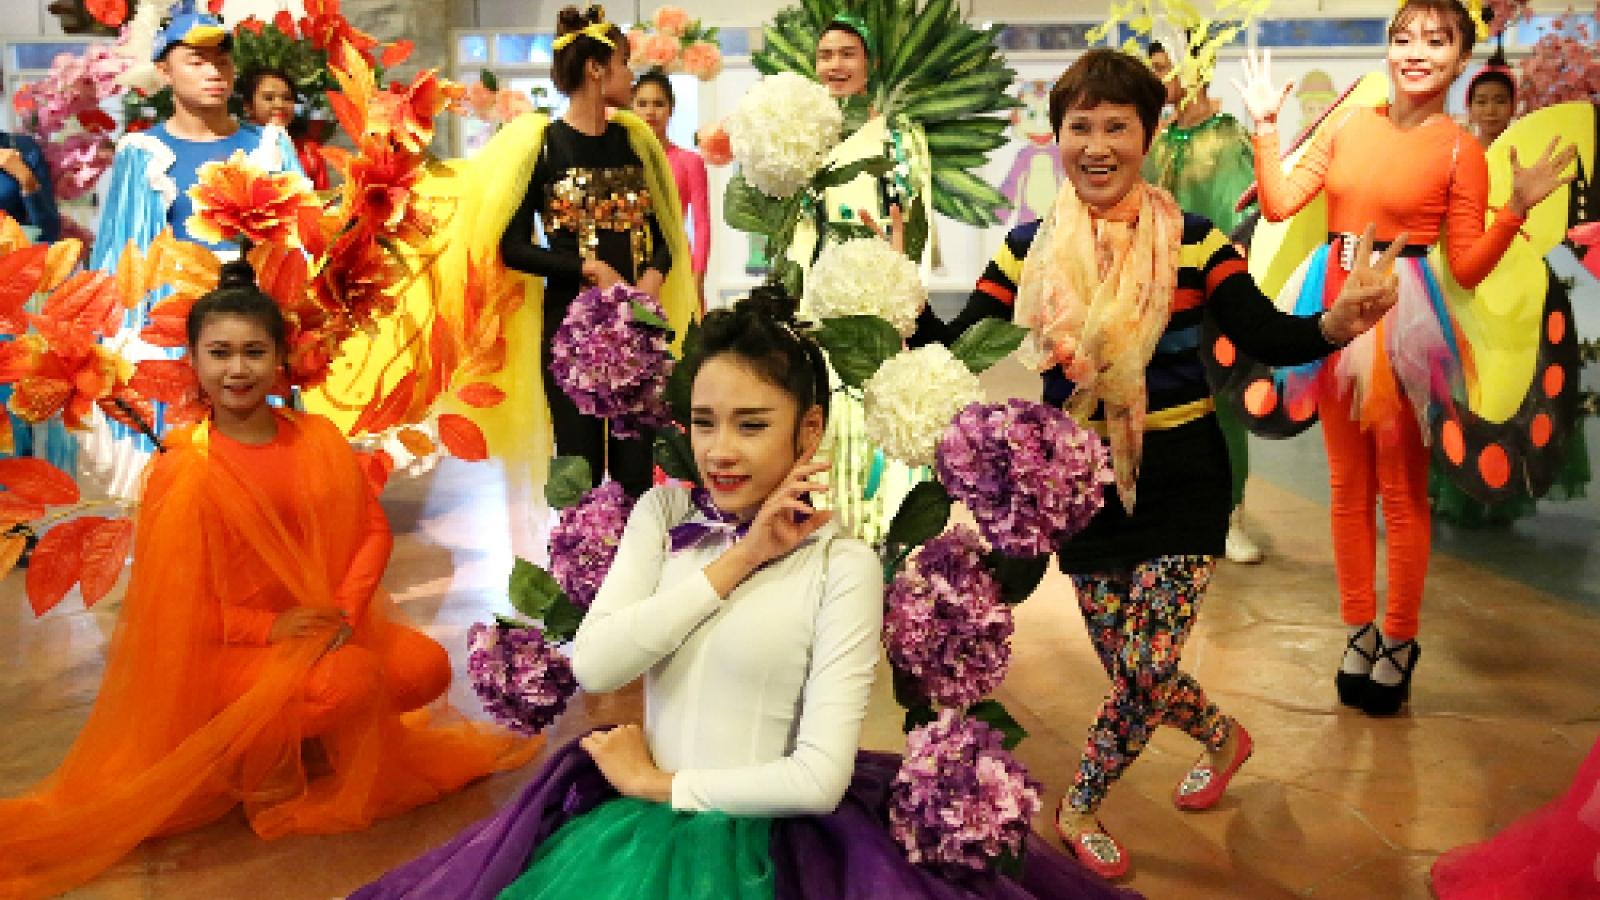 Ba Na Hill spring flower festival